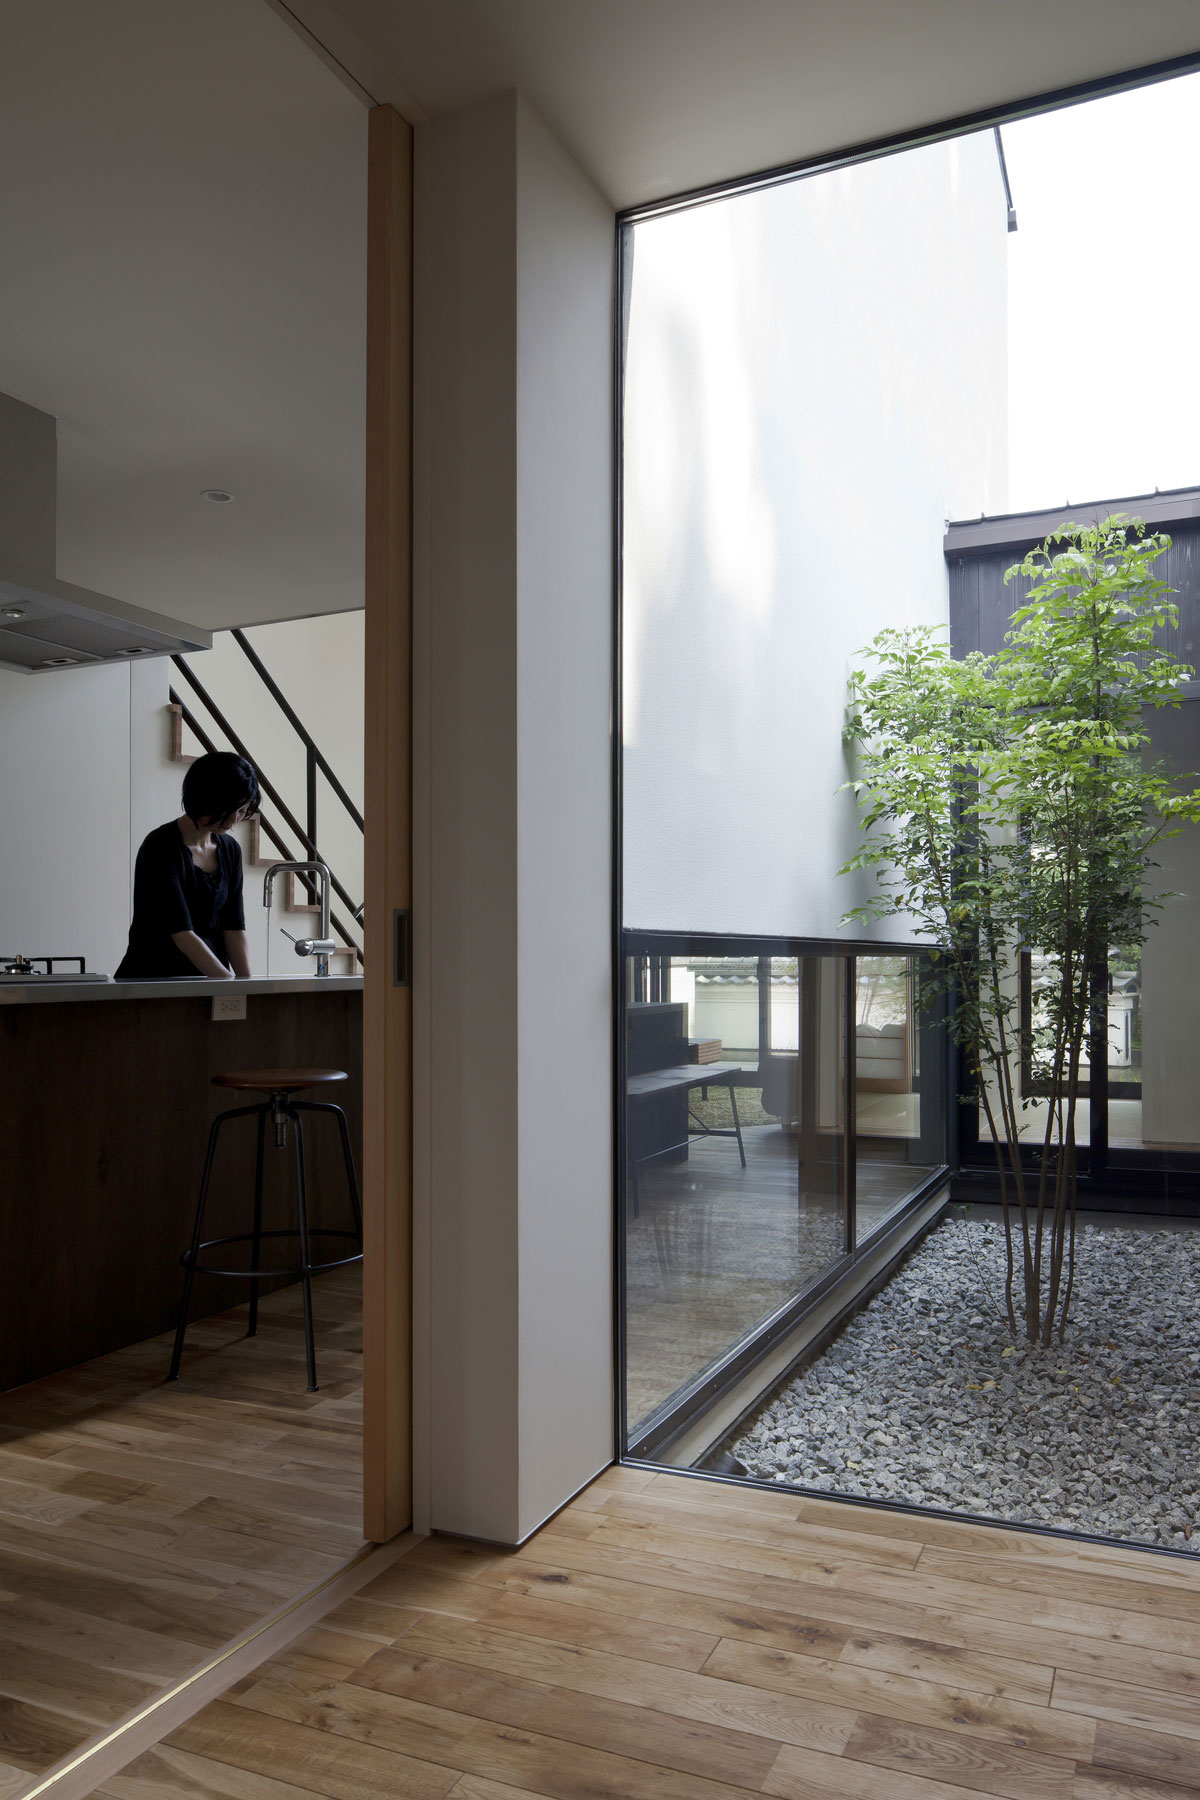 新築一戸建て住宅の施工事例|小さな中庭と大きな縁側の家【山本嘉寛建築設計事務所YYAA】大阪・奈良|建築家